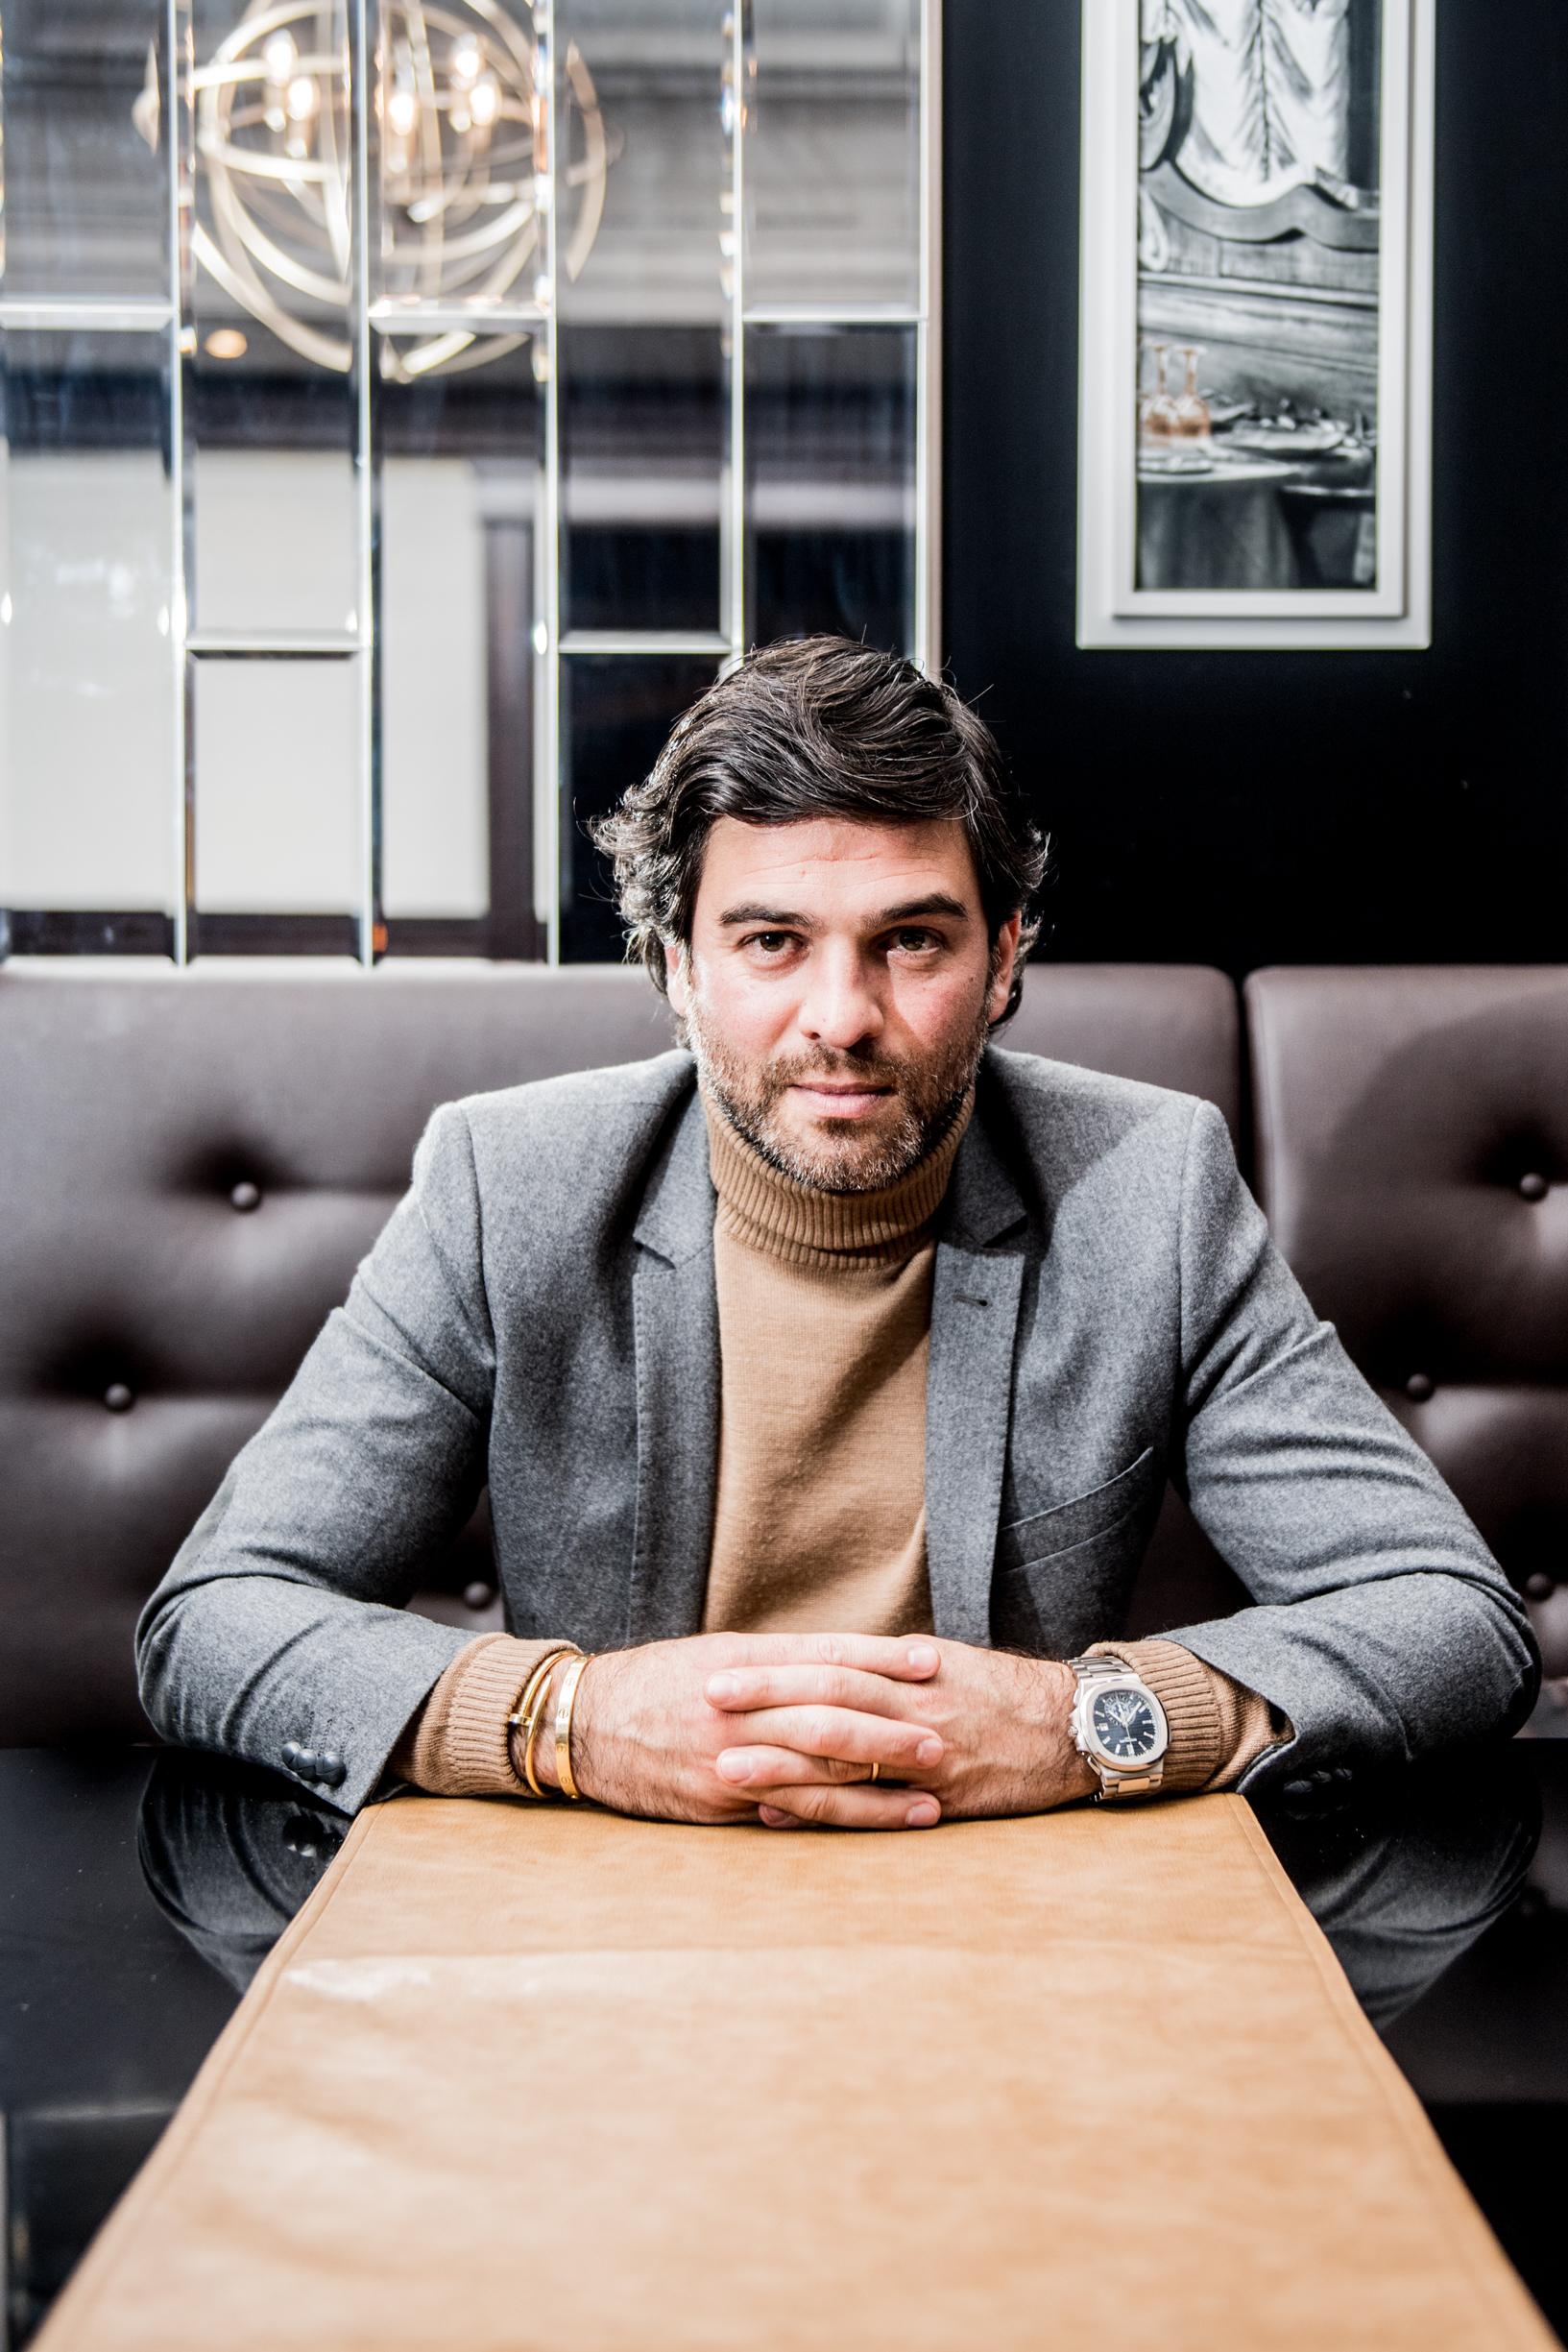 BRUXELLES, Mehdi Bayat Administrateur-delegue Du Royal Charleroi Sporting Club Membre Du Conseil D Administration De La Pro League.GOLINVAUX MATHIEU./LESOIR